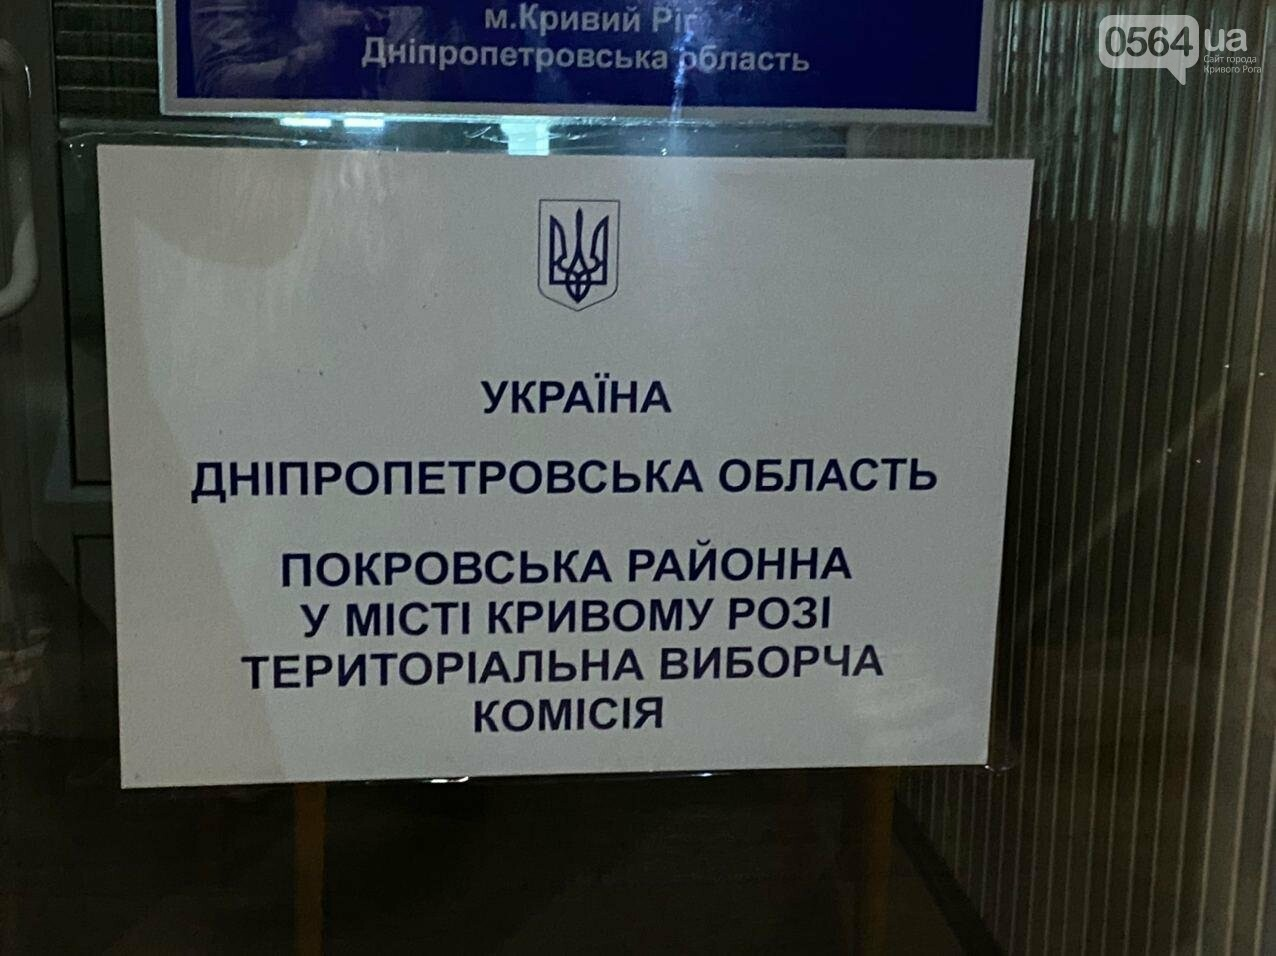 Явка на местных выборах в Покровском районе Кривого Рога составила 35,09 %, - ФОТО, ВИДЕО, фото-2